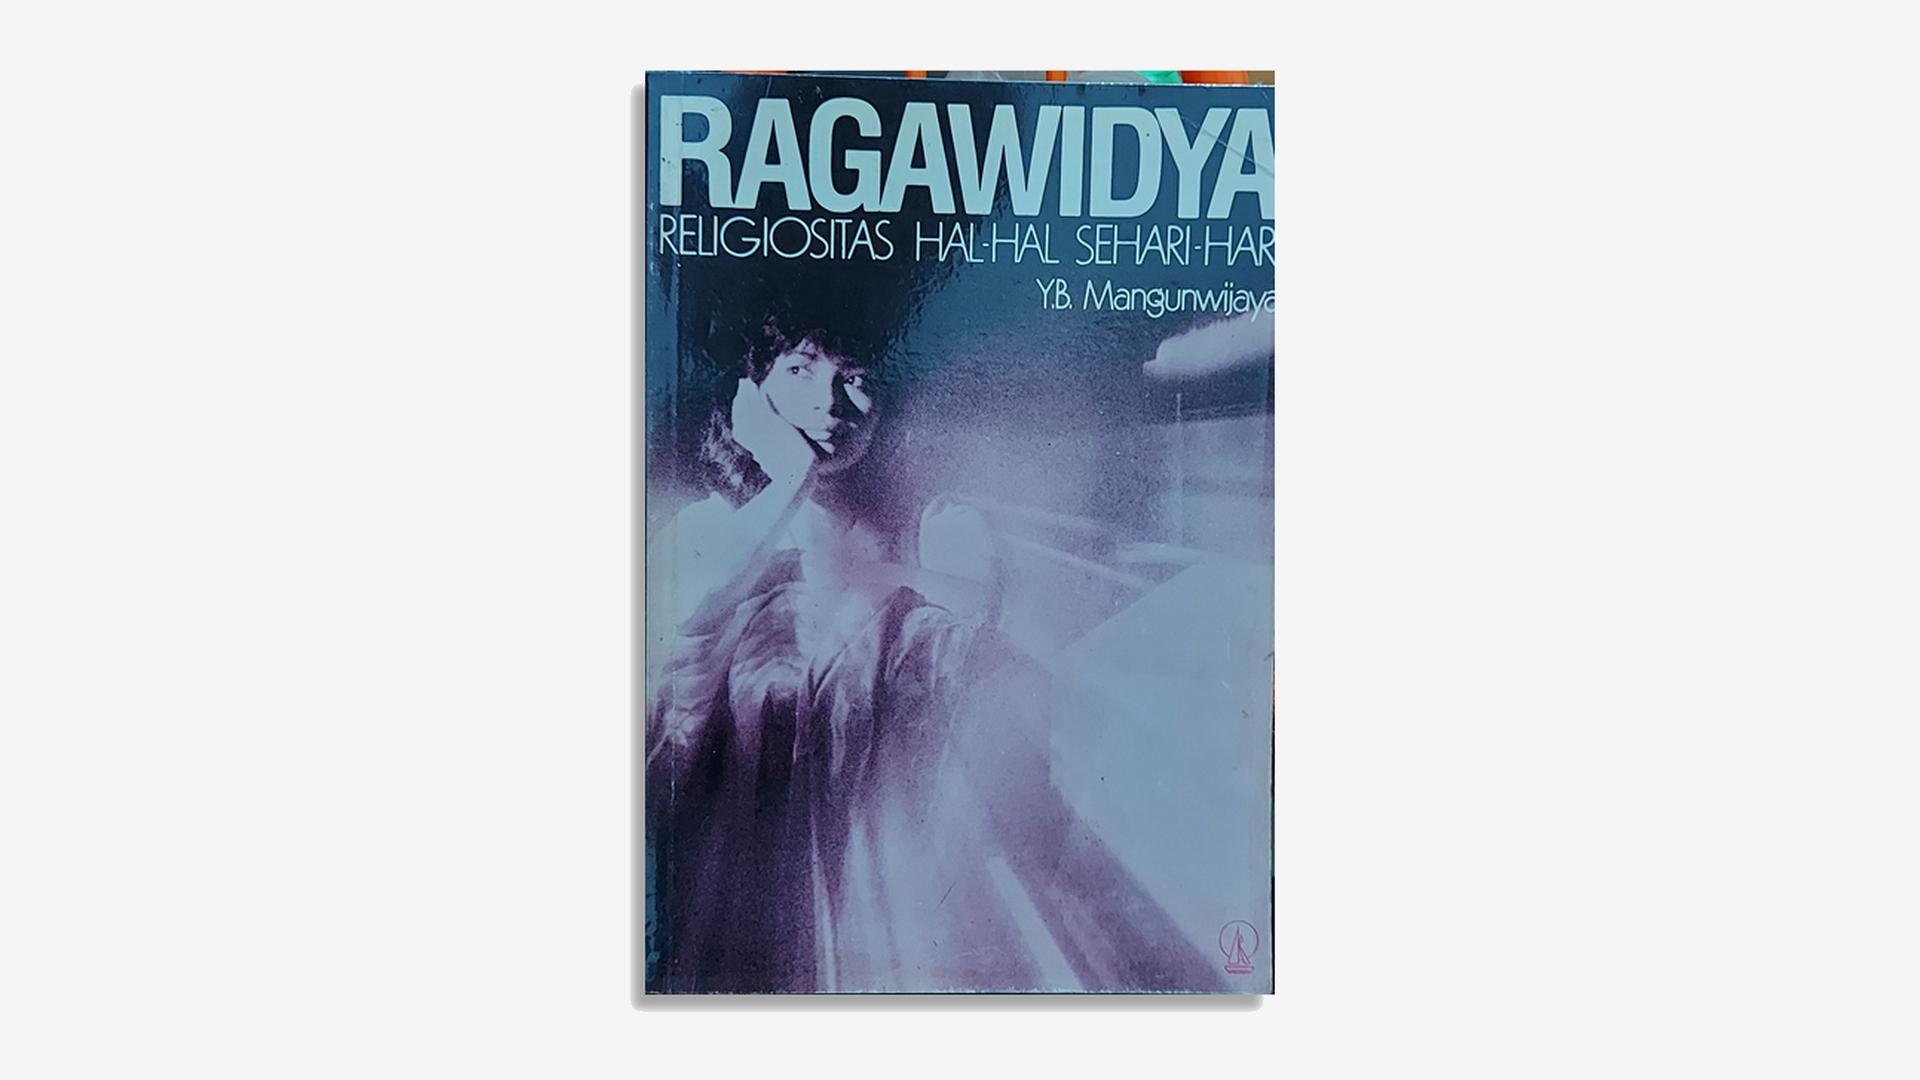 Y.B. Mangunwijaya – Ragawidya